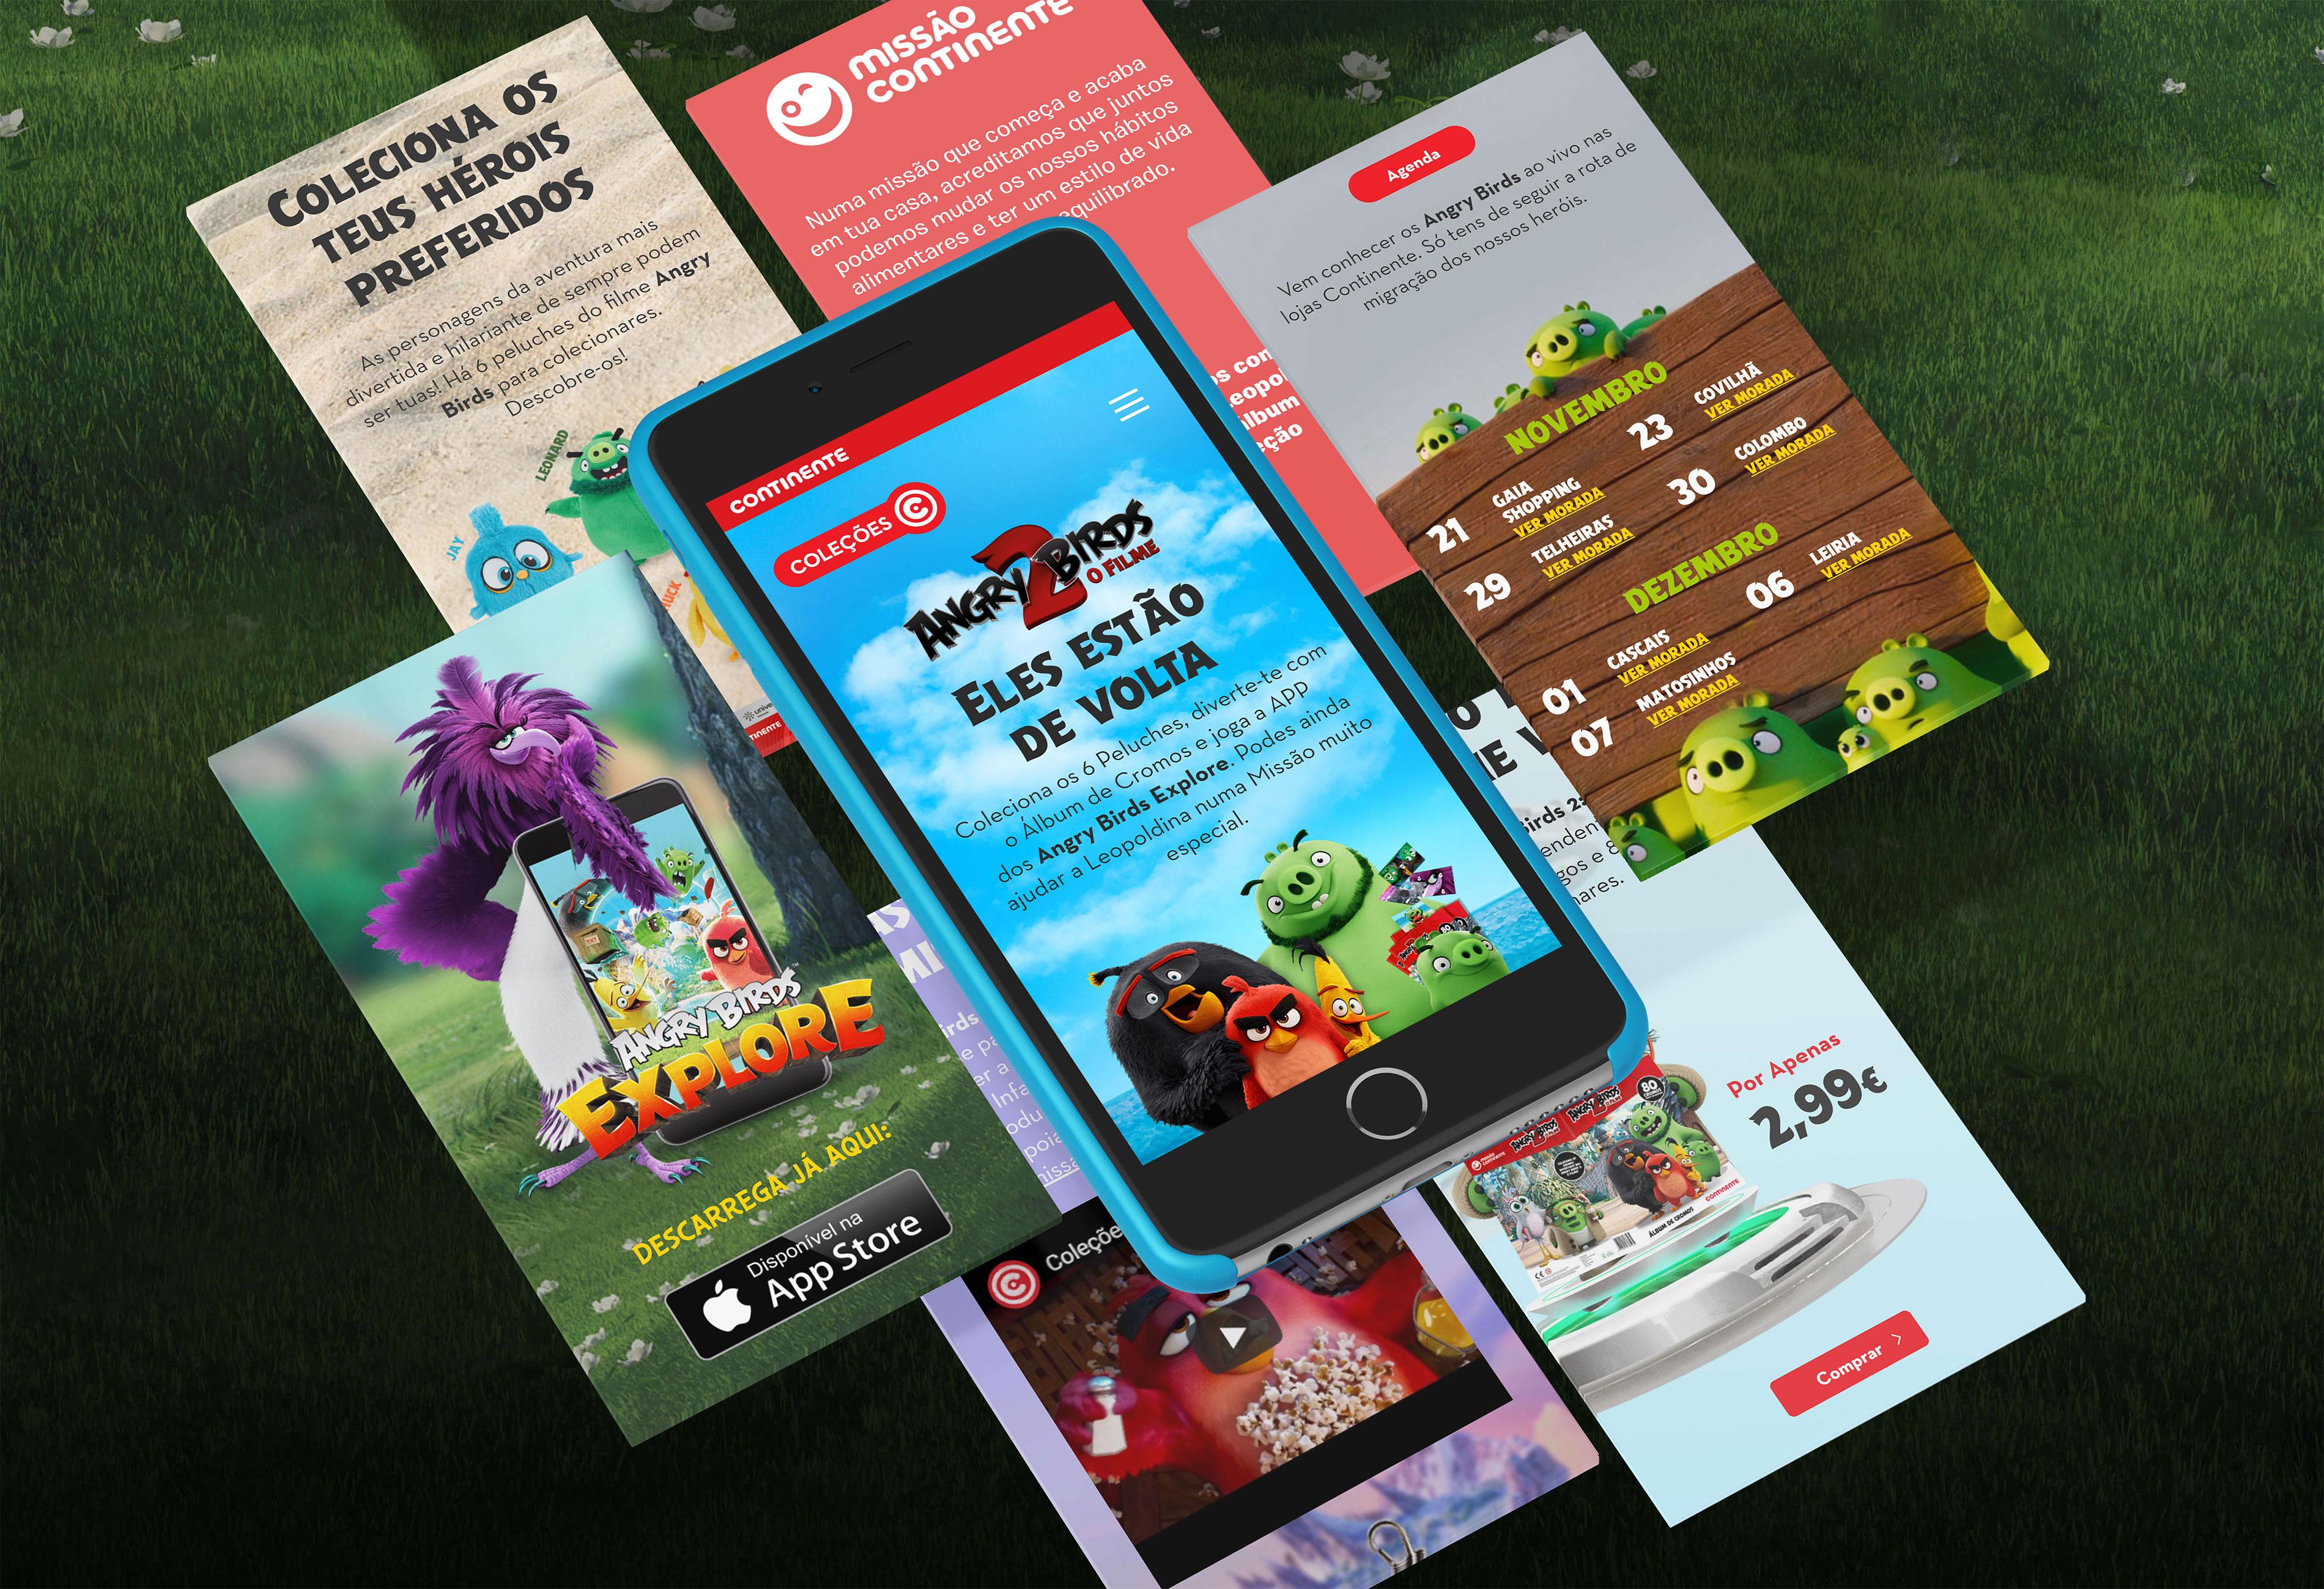 Continente | Angry Birds - Campanha de Fidelização em mobile